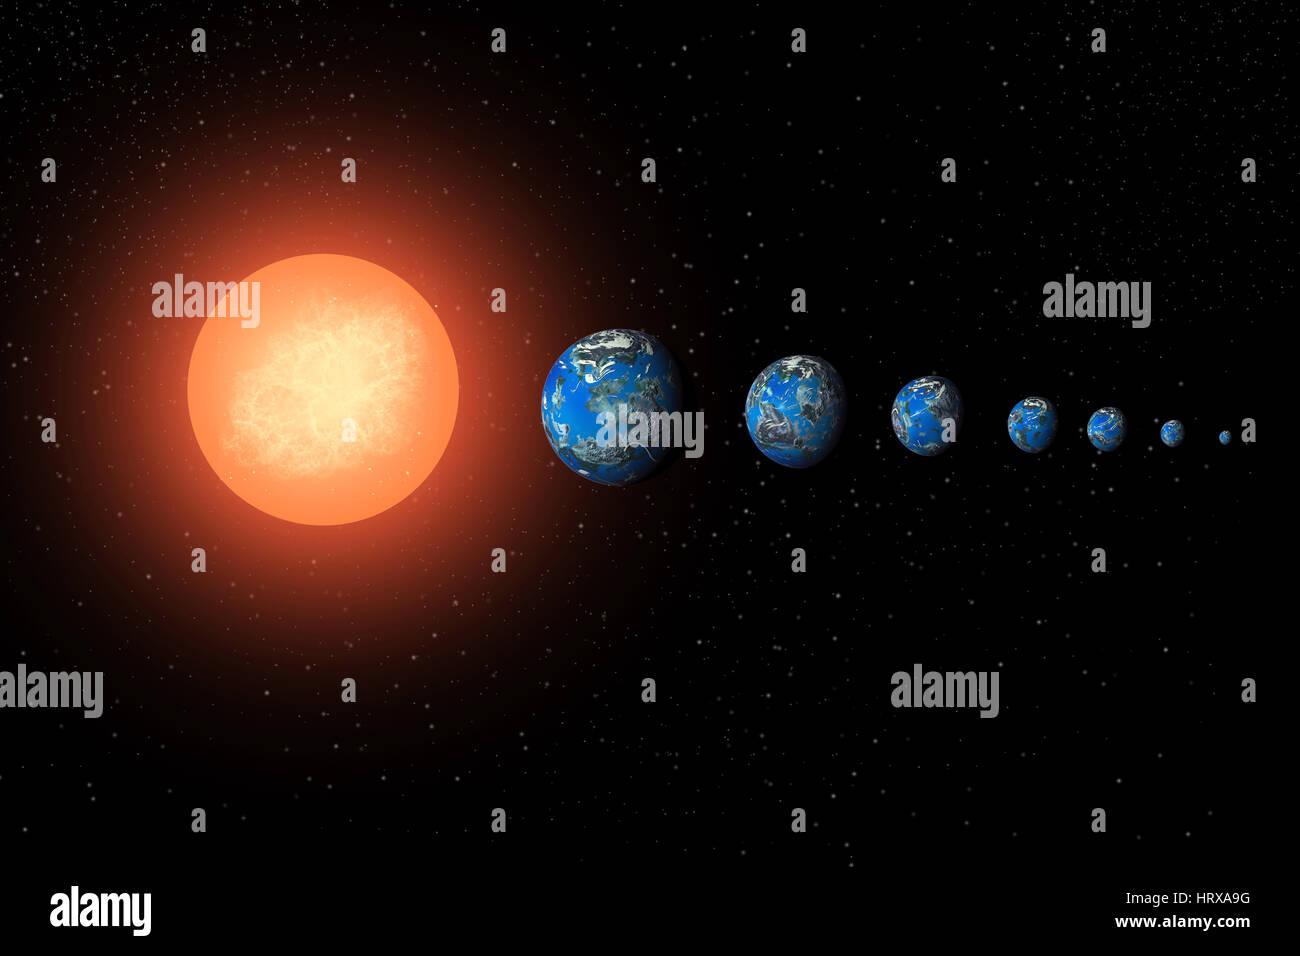 Le système d'étoile naine nommée 'Trappist' , comme la terre comme 7 exoplanètes Photo Stock